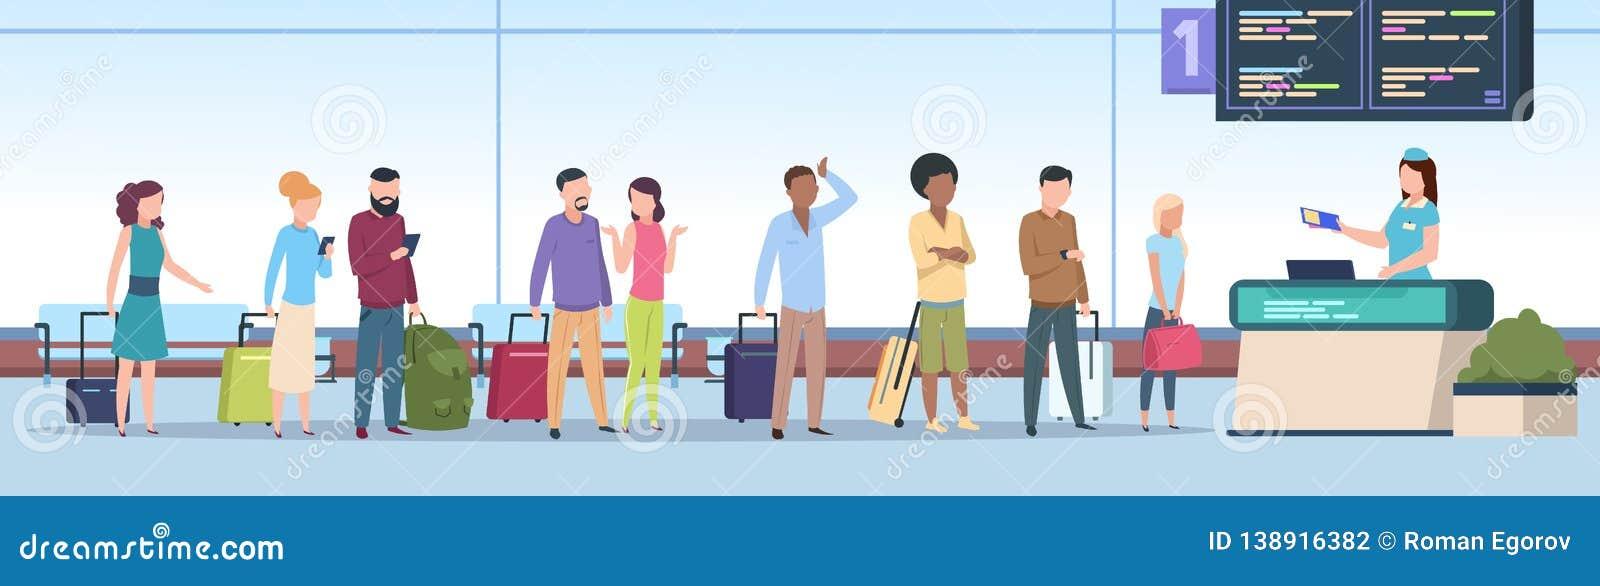 Luchthavenrij De vliegtuigpassagiers controleren de terminal van de registratieluchthaven Reizende mensen, bagage die in poort wa